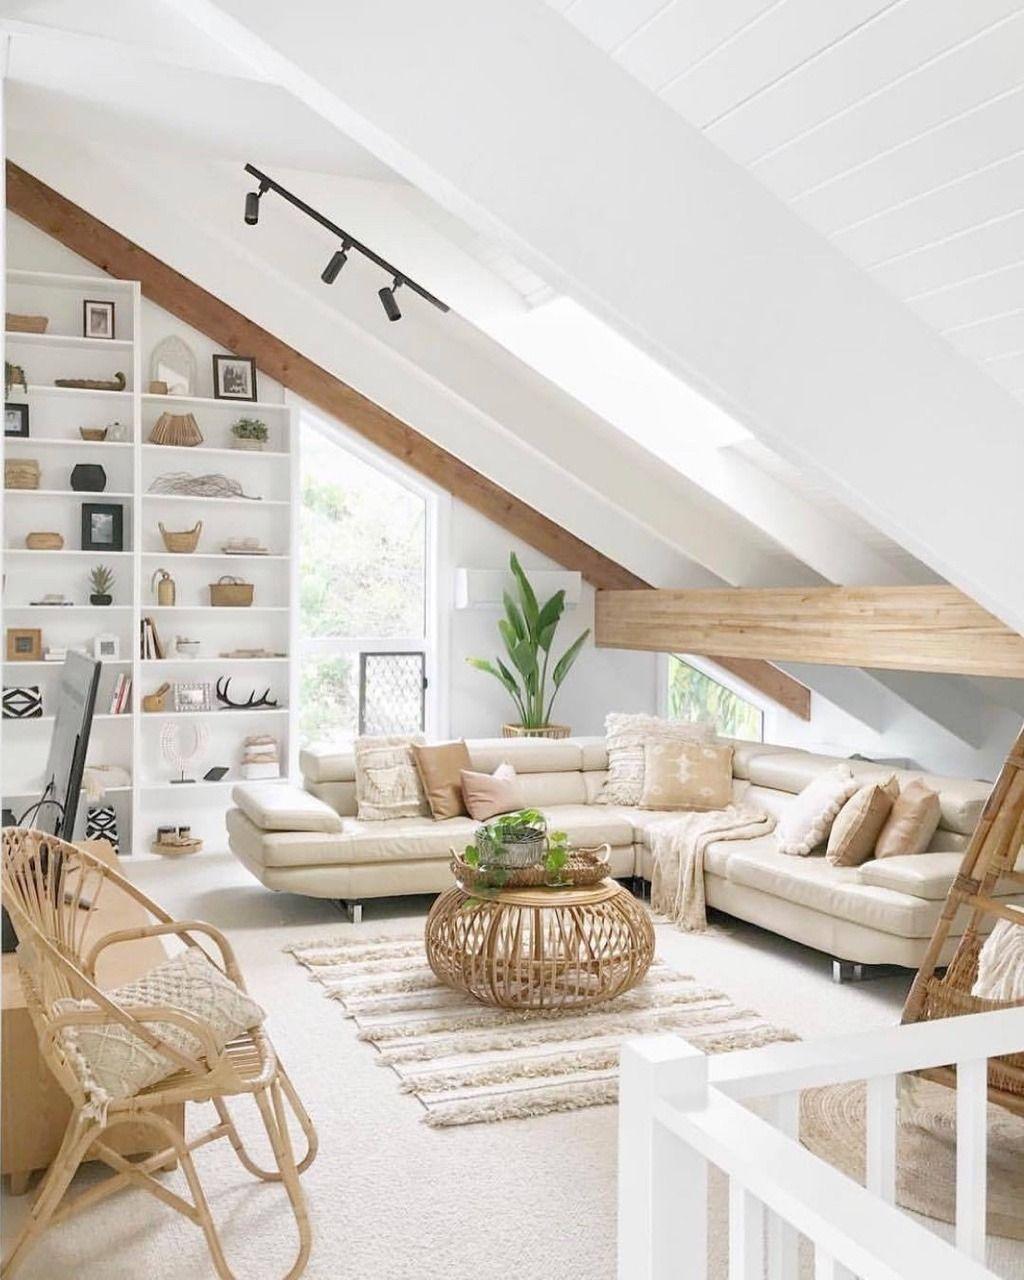 Home Inspiration Ms Lovejoy The Definitive Source For Interior Designers Wohnung Innenarchitektur Haus Einrichten